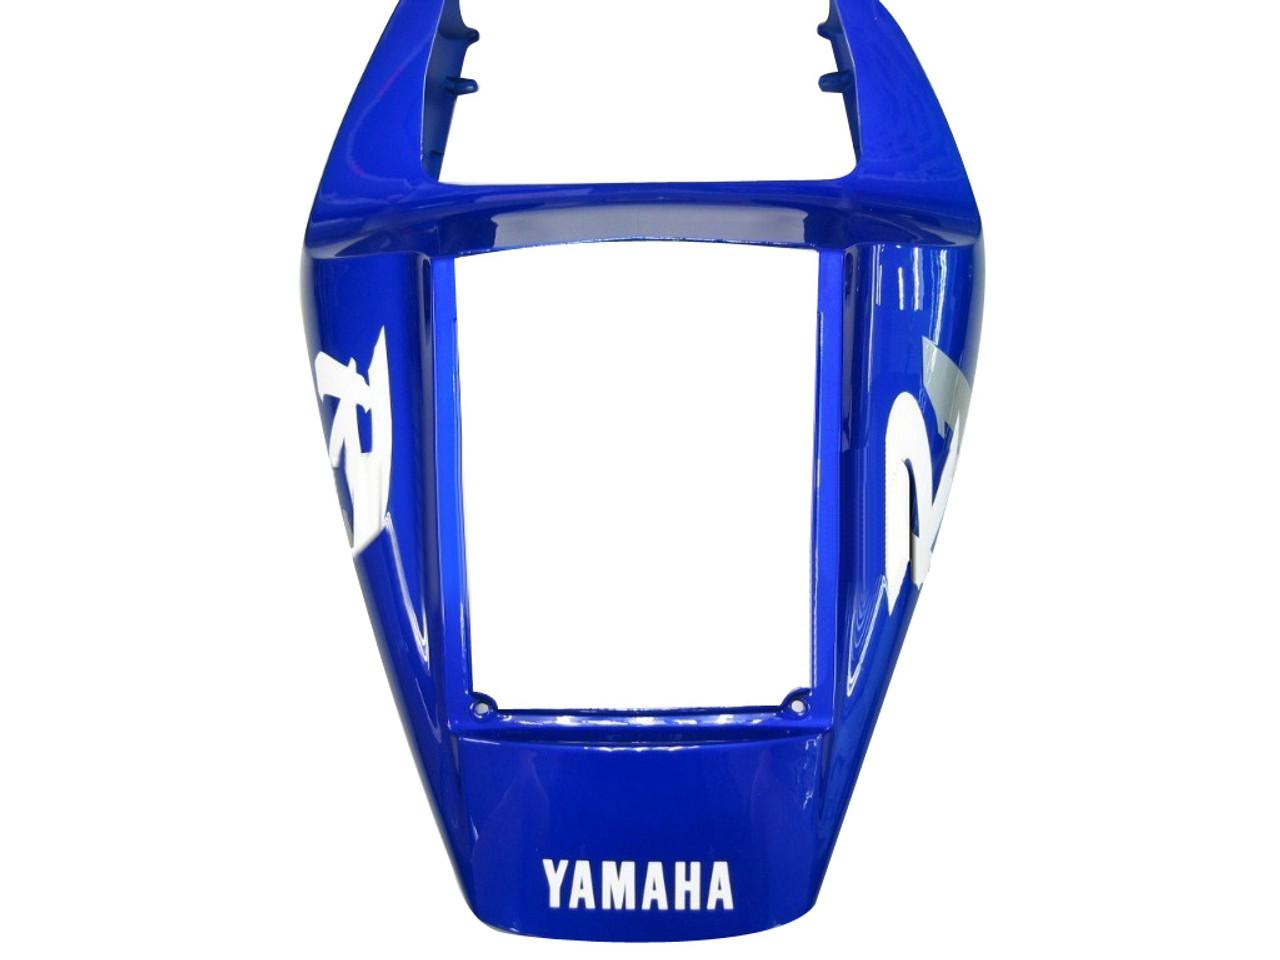 Fairings Yamaha YZF-R1 Blue R1 Racing (1998-1999)